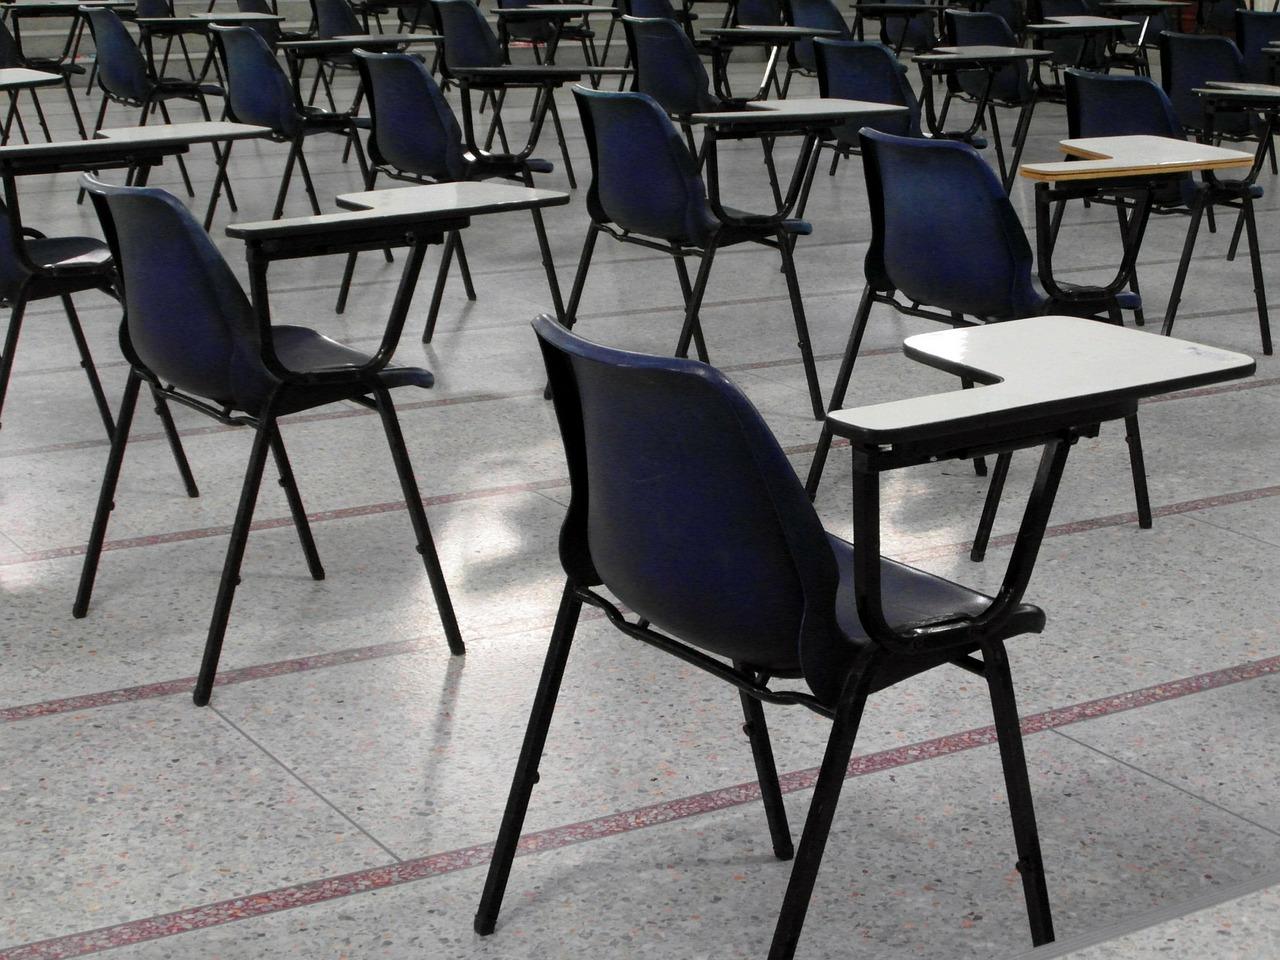 chaises examens école (